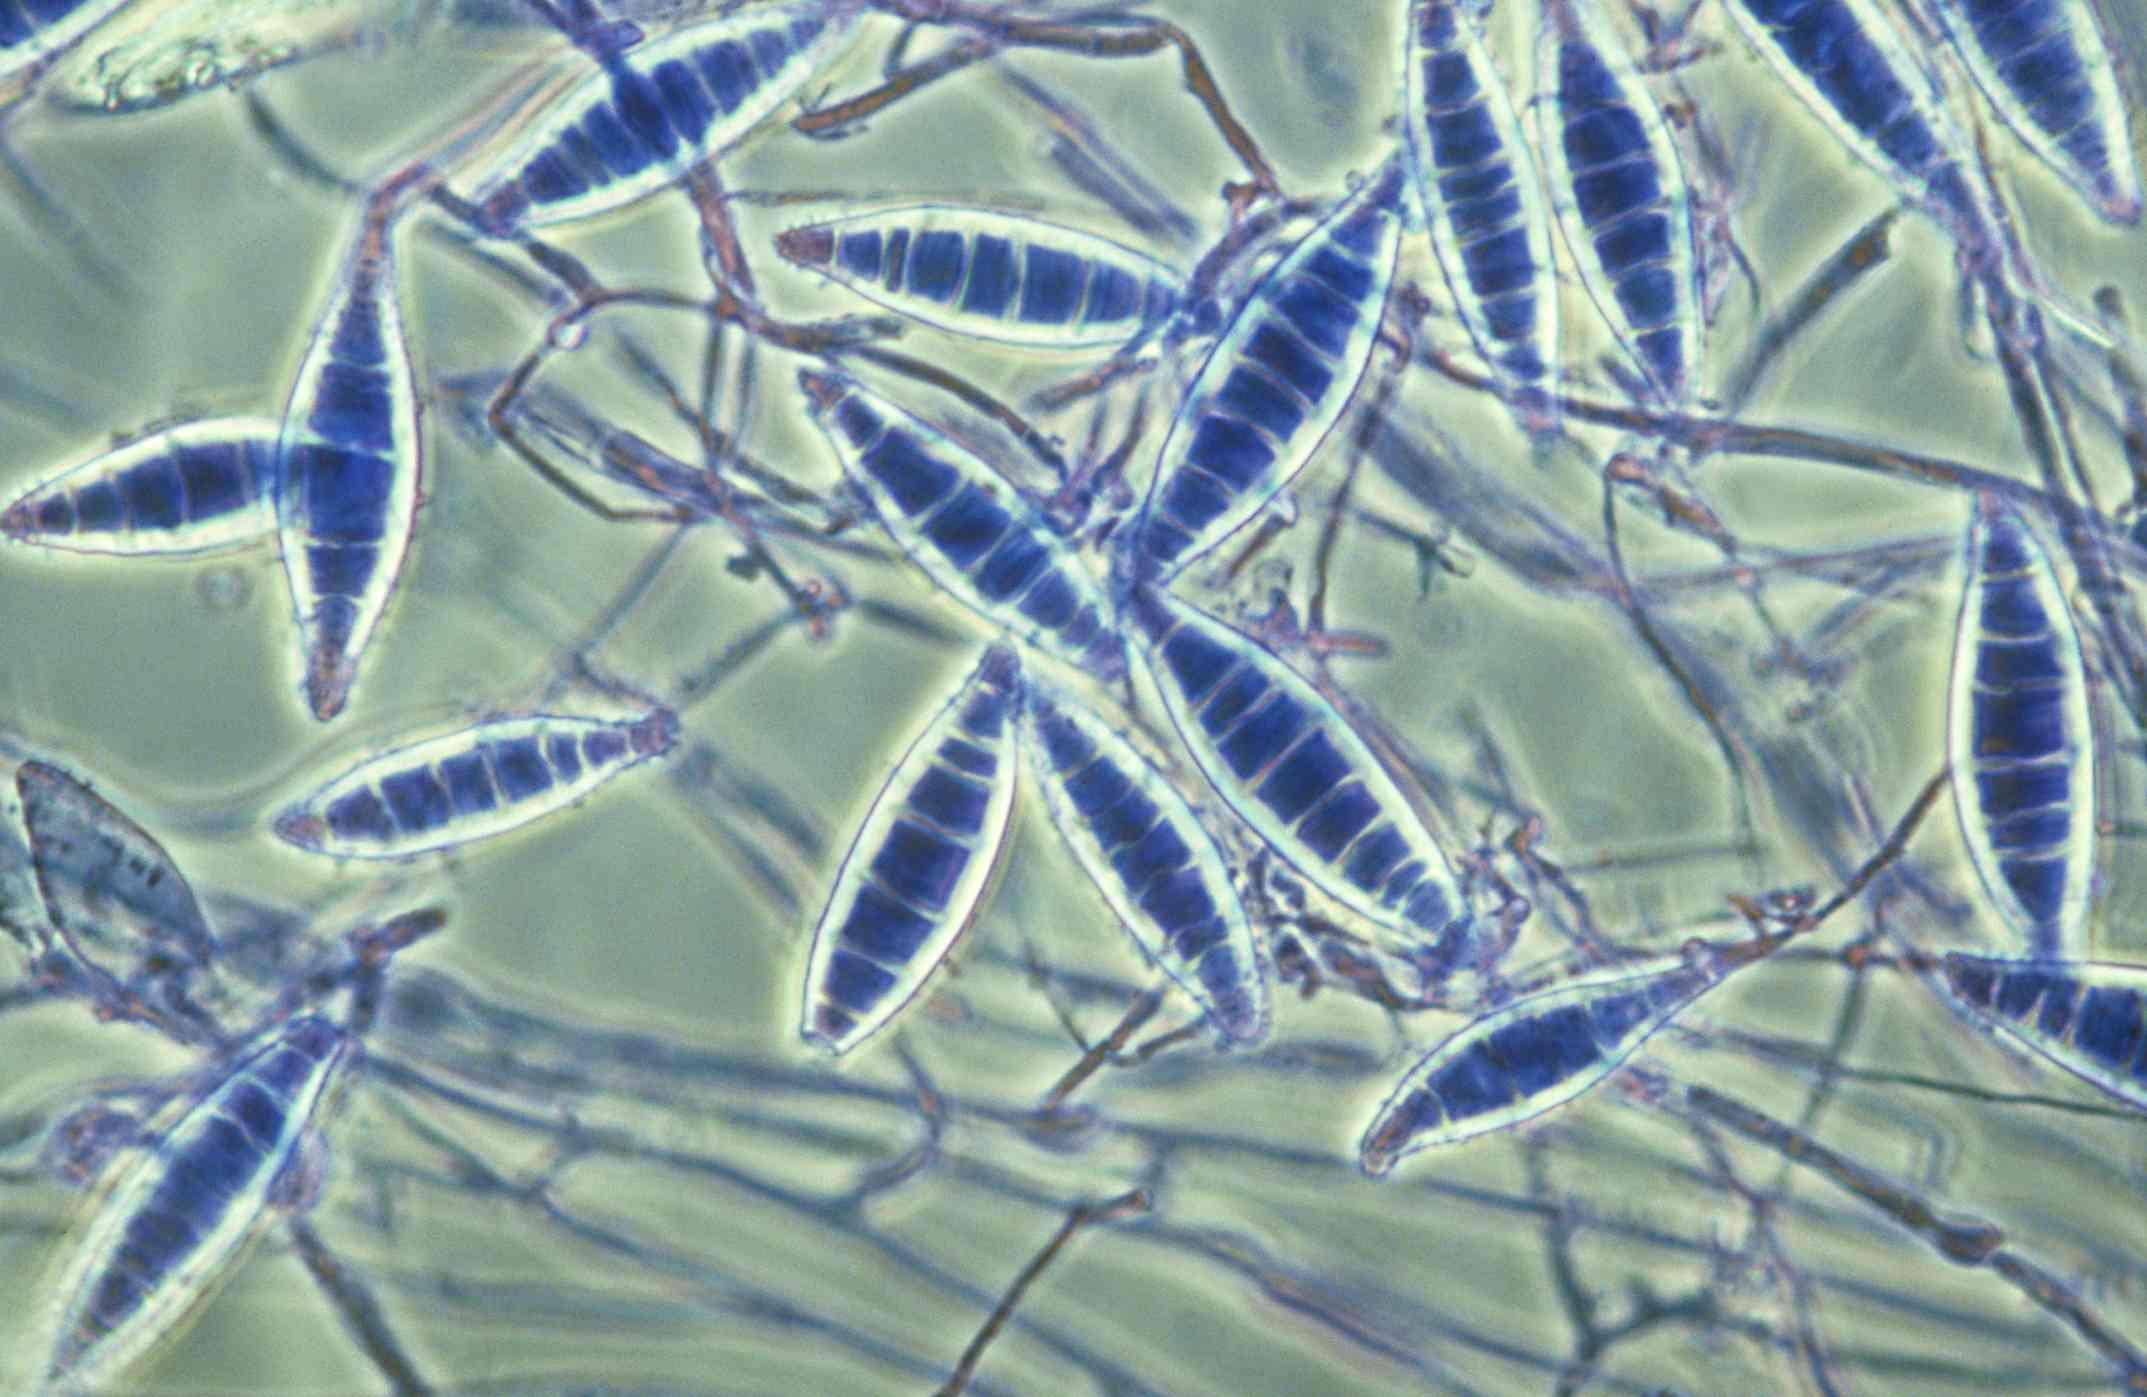 Tiña microsporum teñida de púrpura